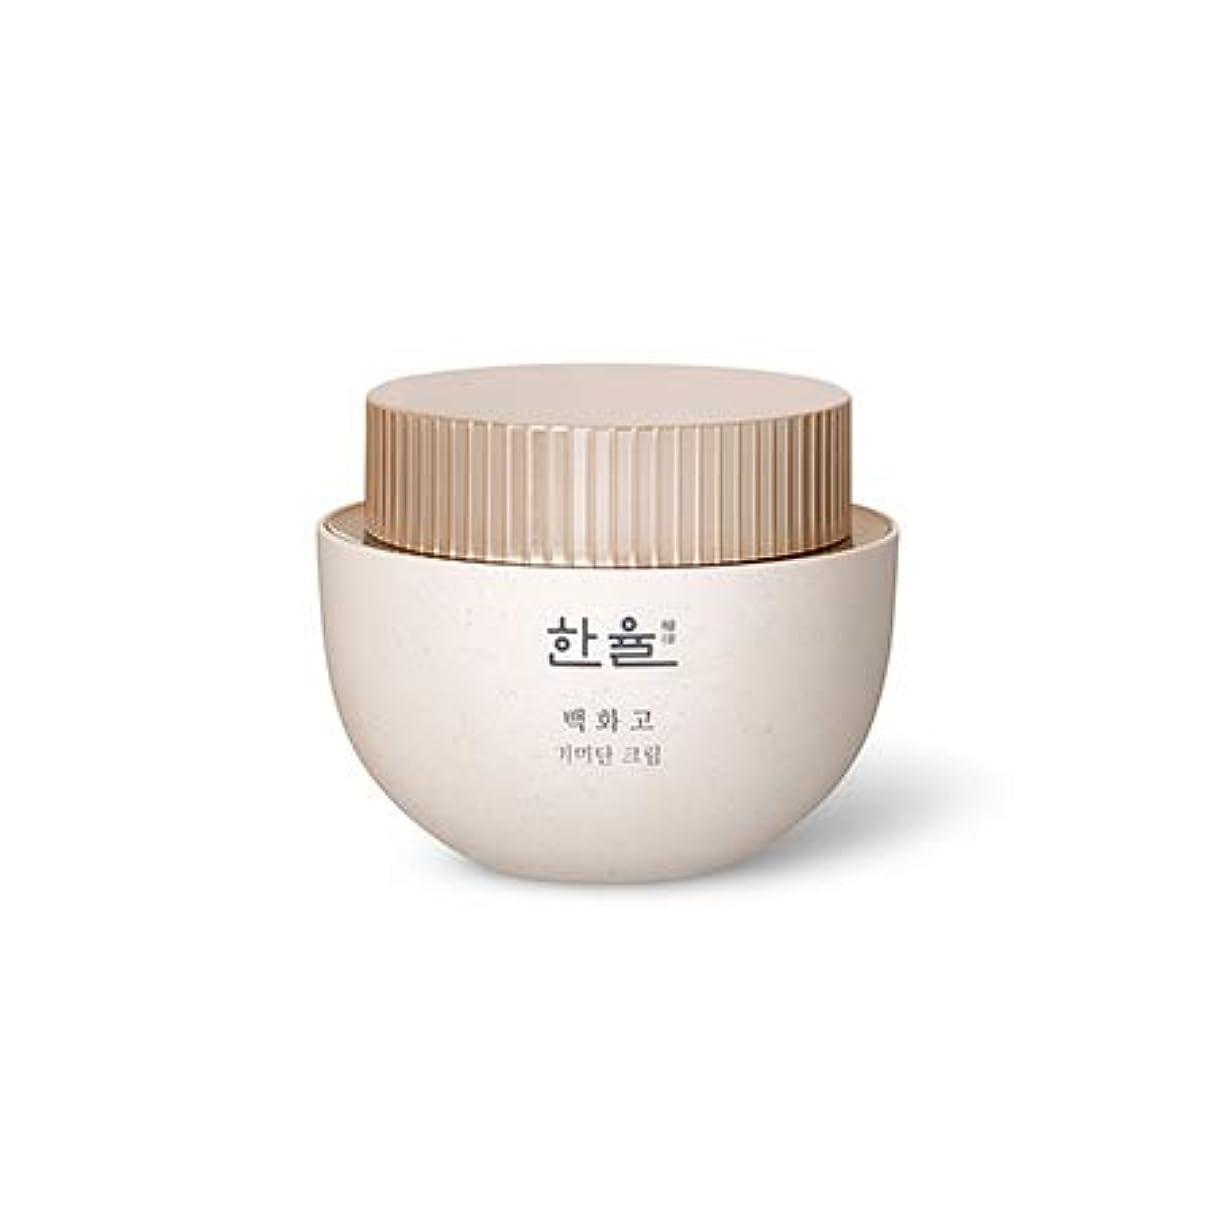 お祝い感謝する預言者[ハンユル.HANYUL]ベクファゴシミ段クリームHanyul Baek Hwa Goh Anti-Aging Cream(シミ、くすみなどの老化の兆候をケア)